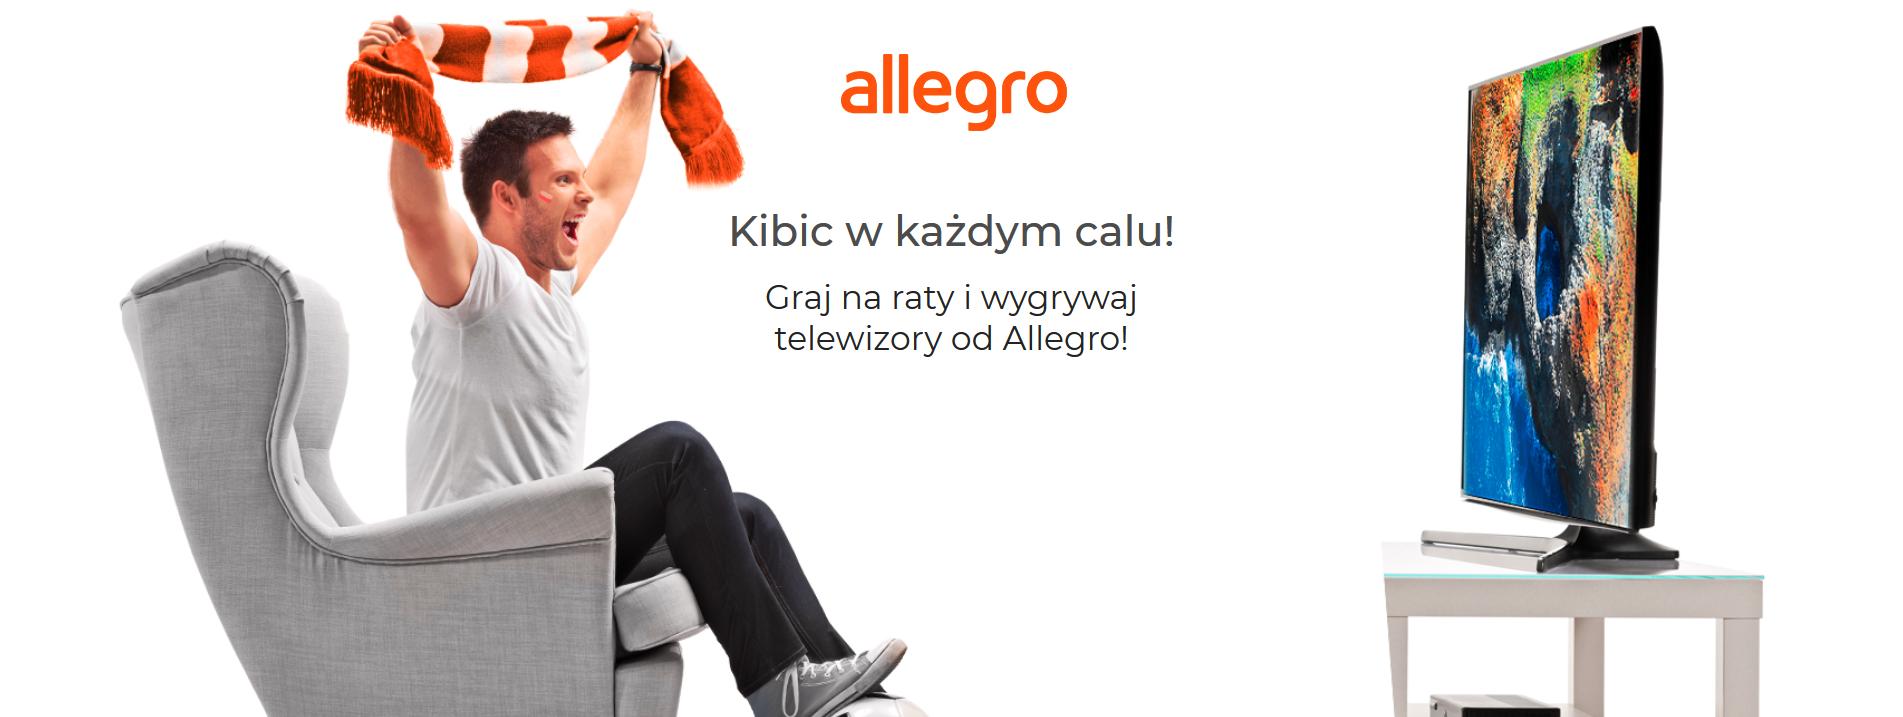 Wygraj telewizor od Allegro! Zobacz hasło